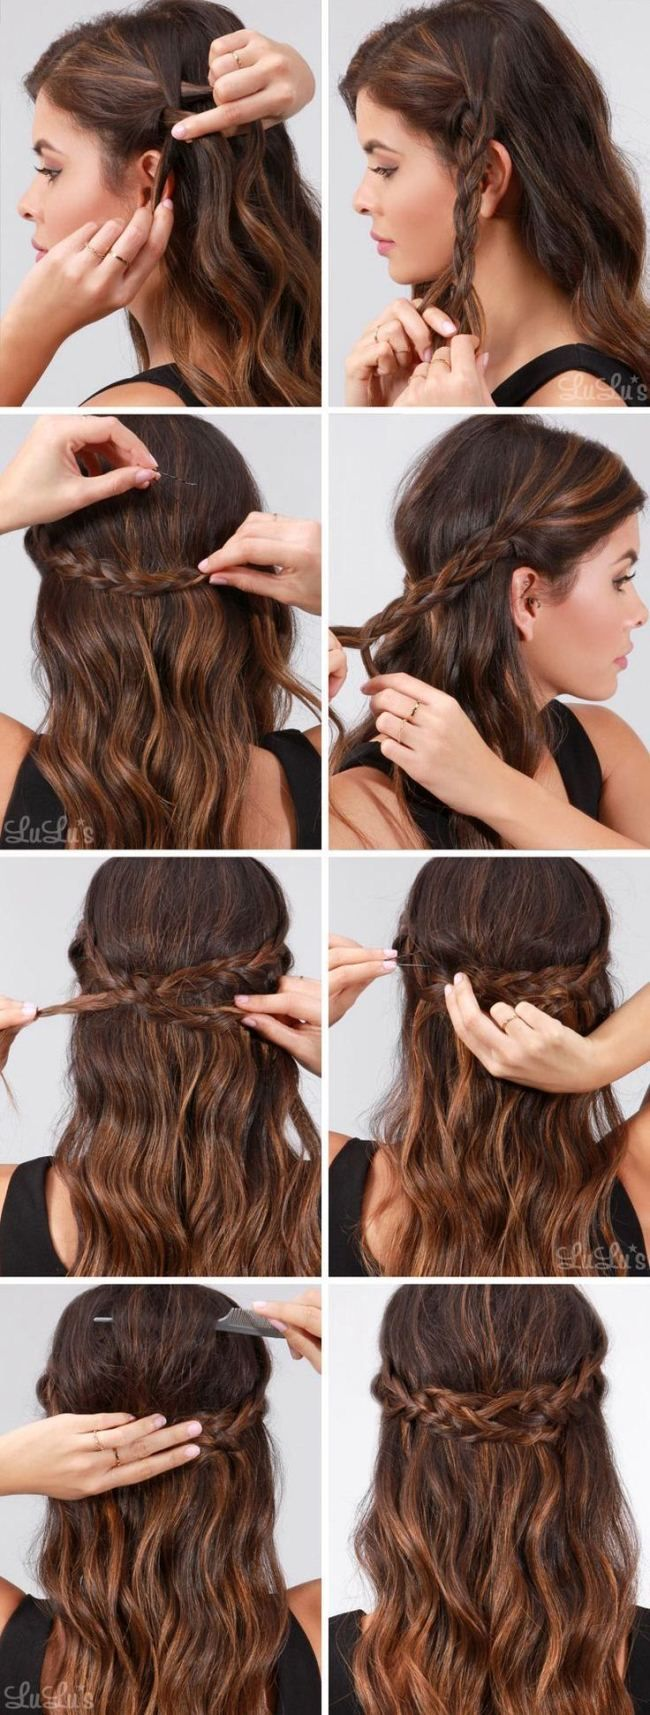 ▷ Schnelle einfache formale Party-Frisuren für lange Haar-DIY-Ideen 2018